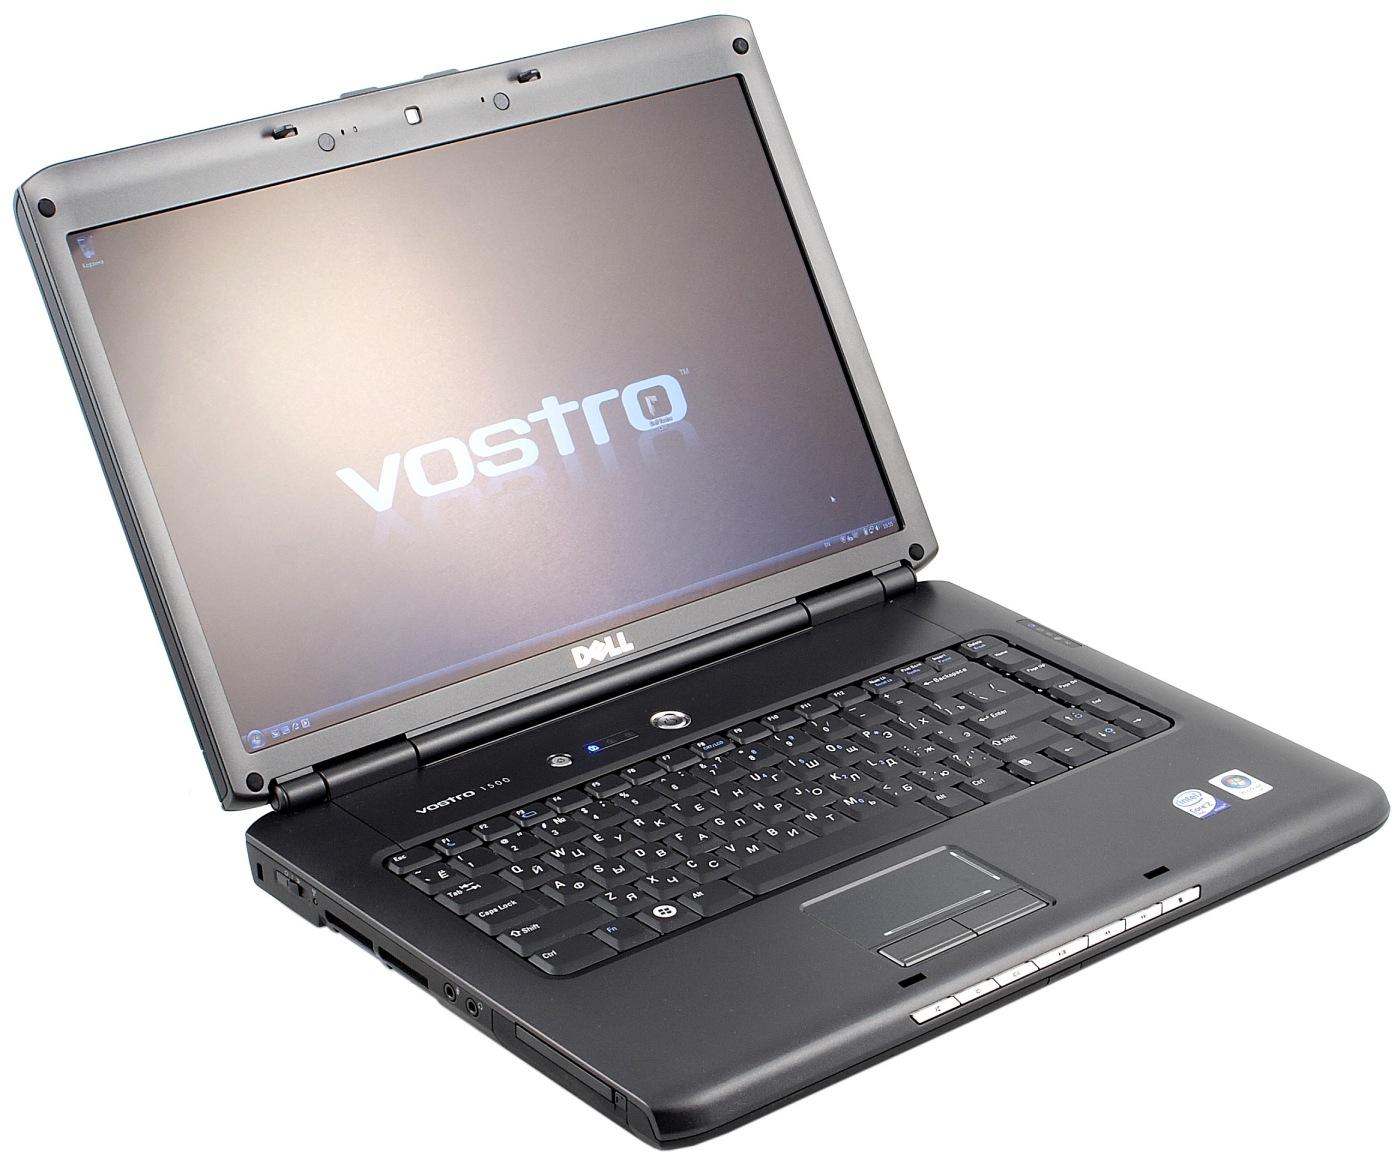 VOSTRO 1500 DELL DRIVER FOR PC